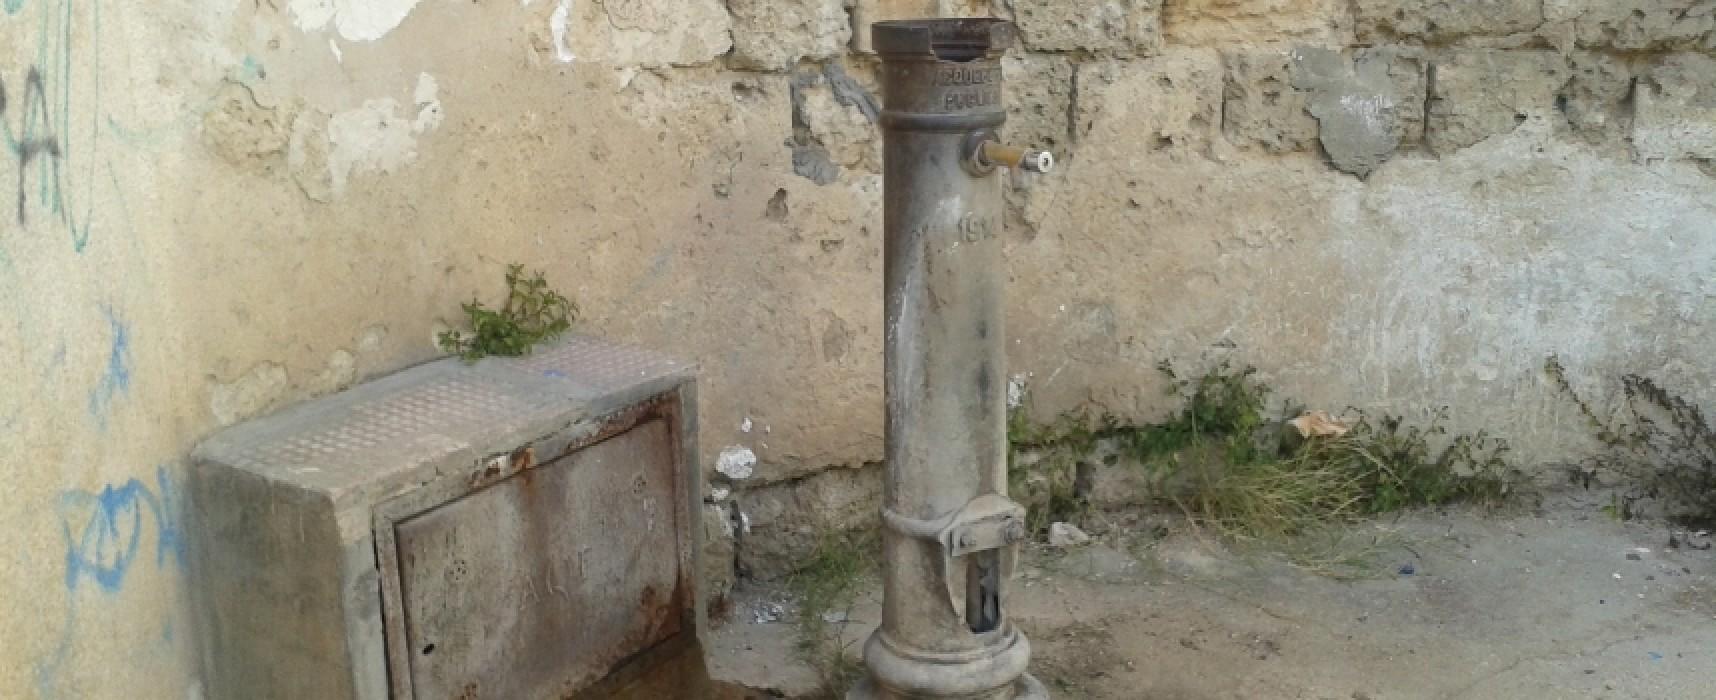 Dopo la bonifica dell'AQP la fontana di via Vecchia Corato può essere riattivata